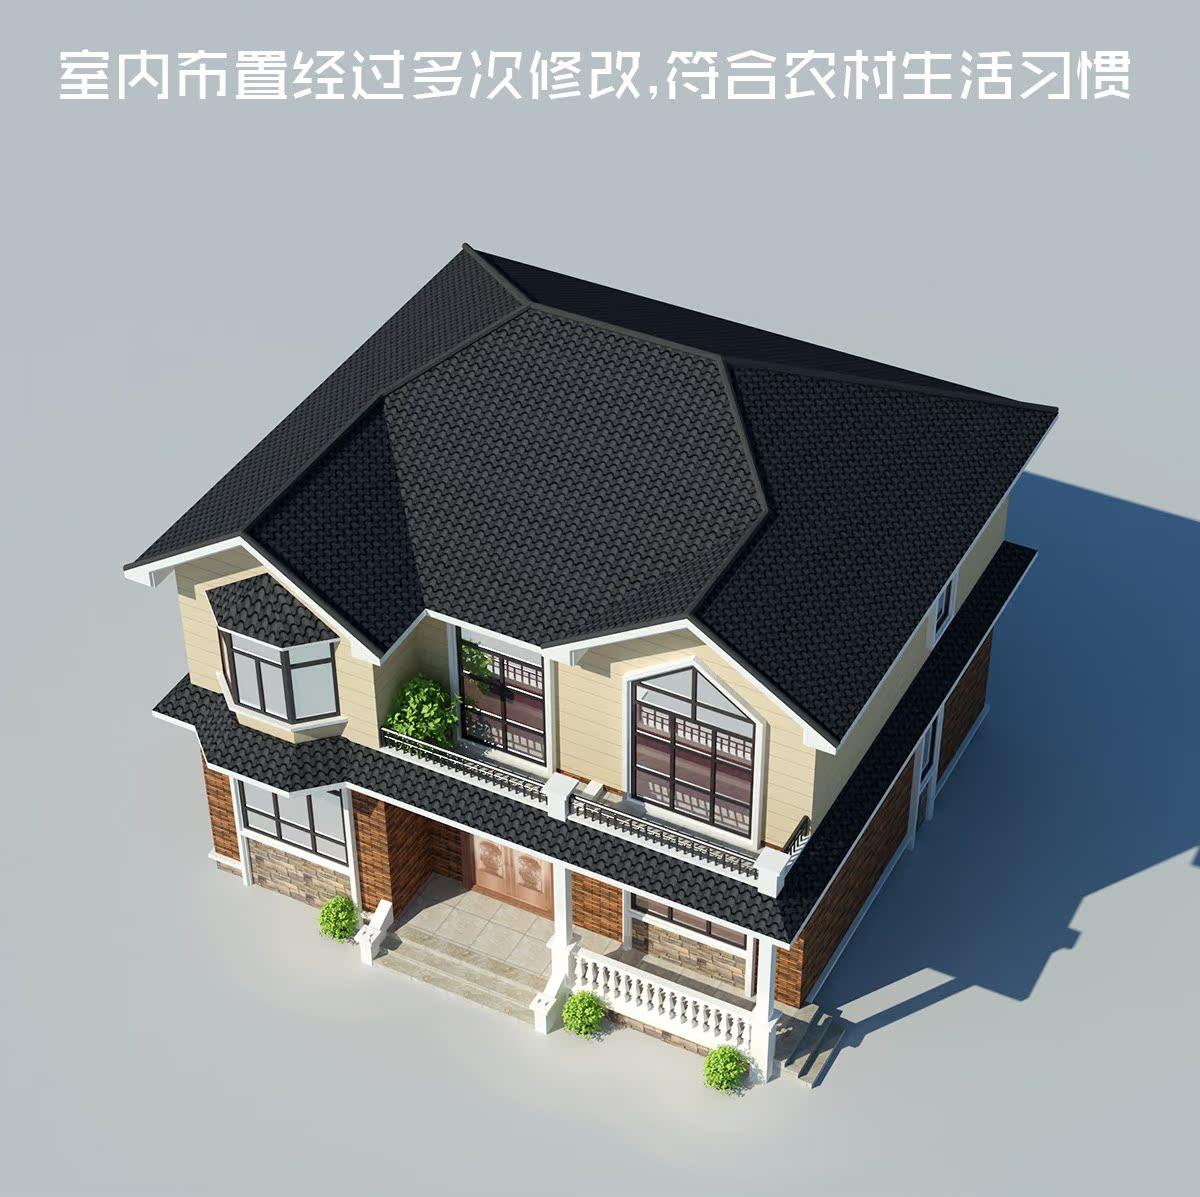 15农村自建房屋全套设计cad建筑图纸乡村住宅别墅水电施工效果图